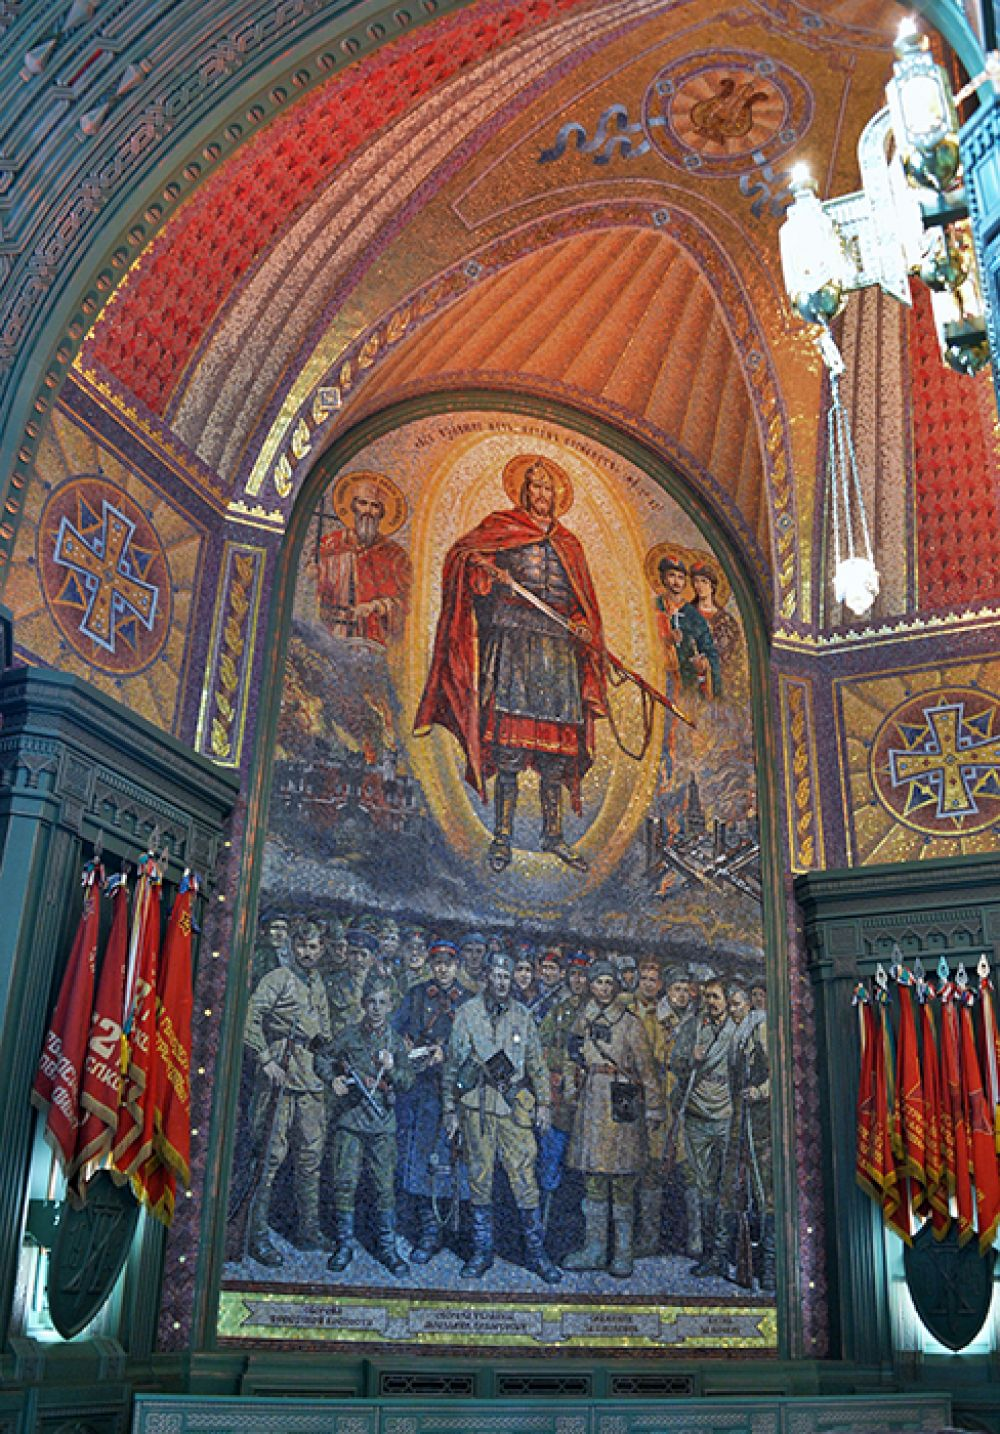 Мозаика в интерьере главного храма Вооруженных сил РФ.